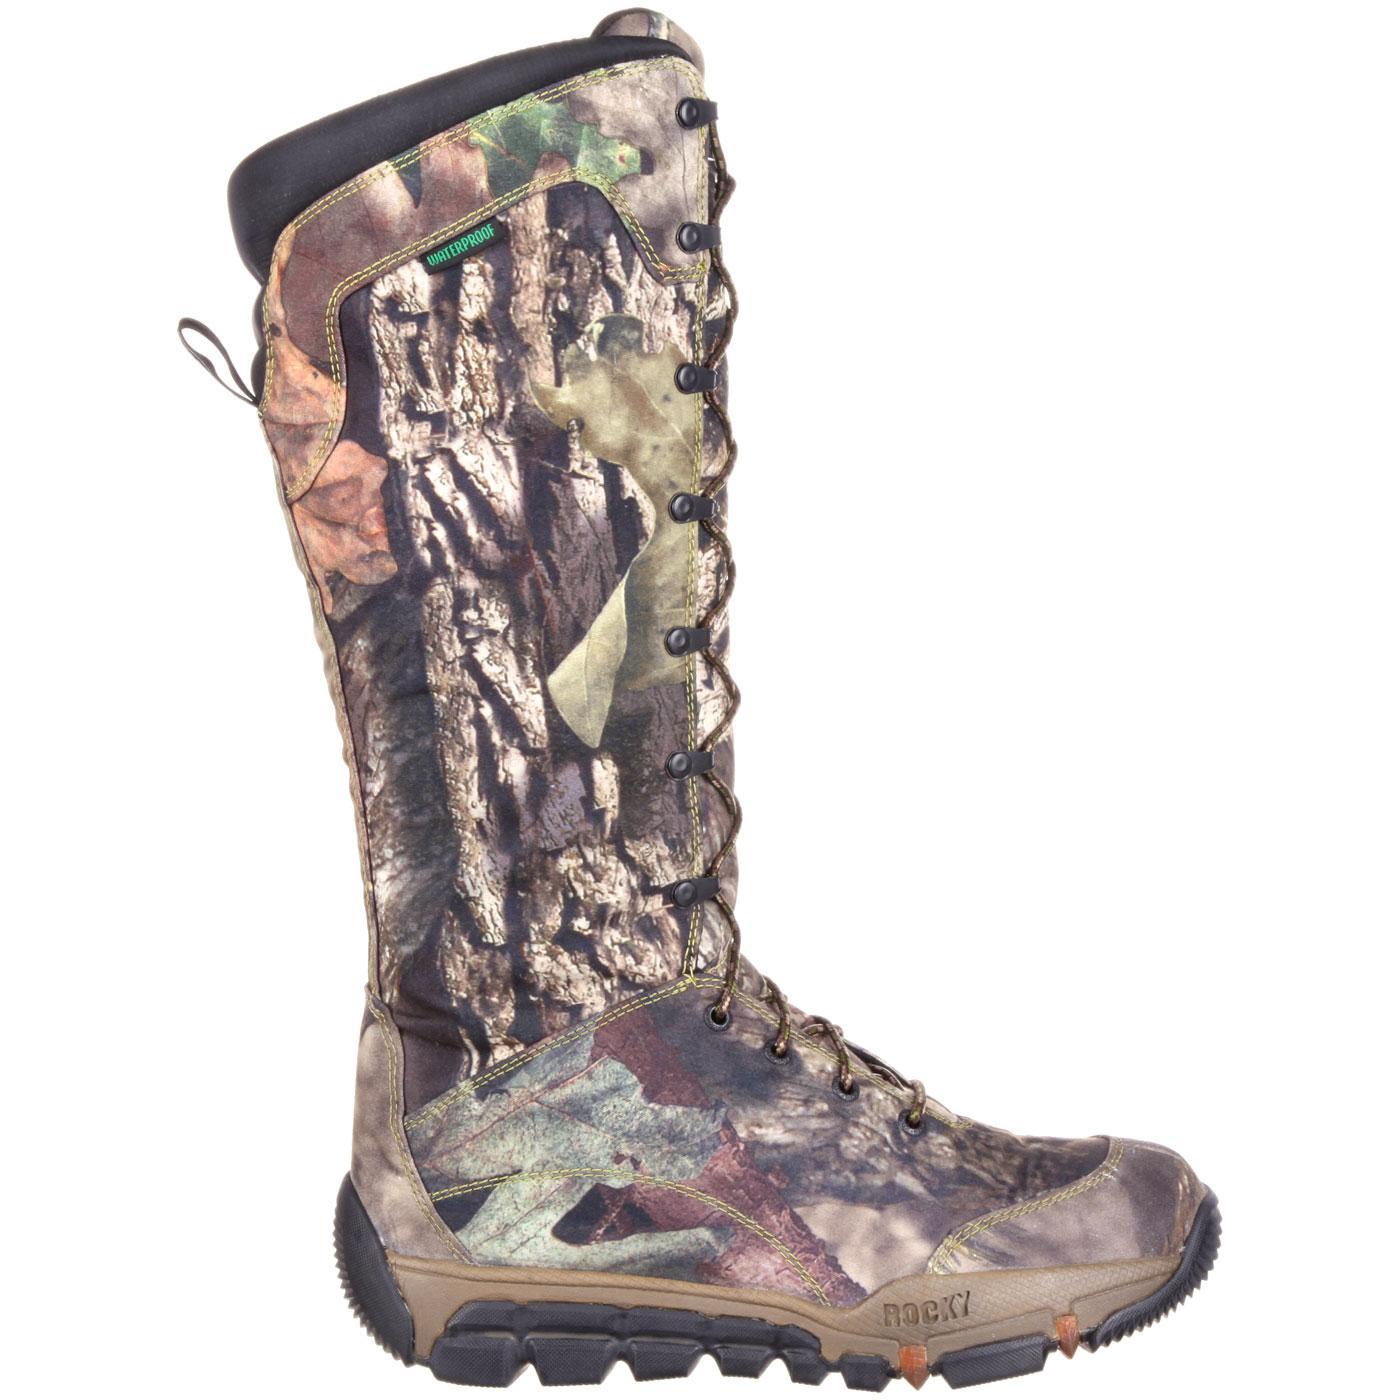 Rocky Gameseeker Waterproof Camouflage Snake Boot, style #RKS0225IA